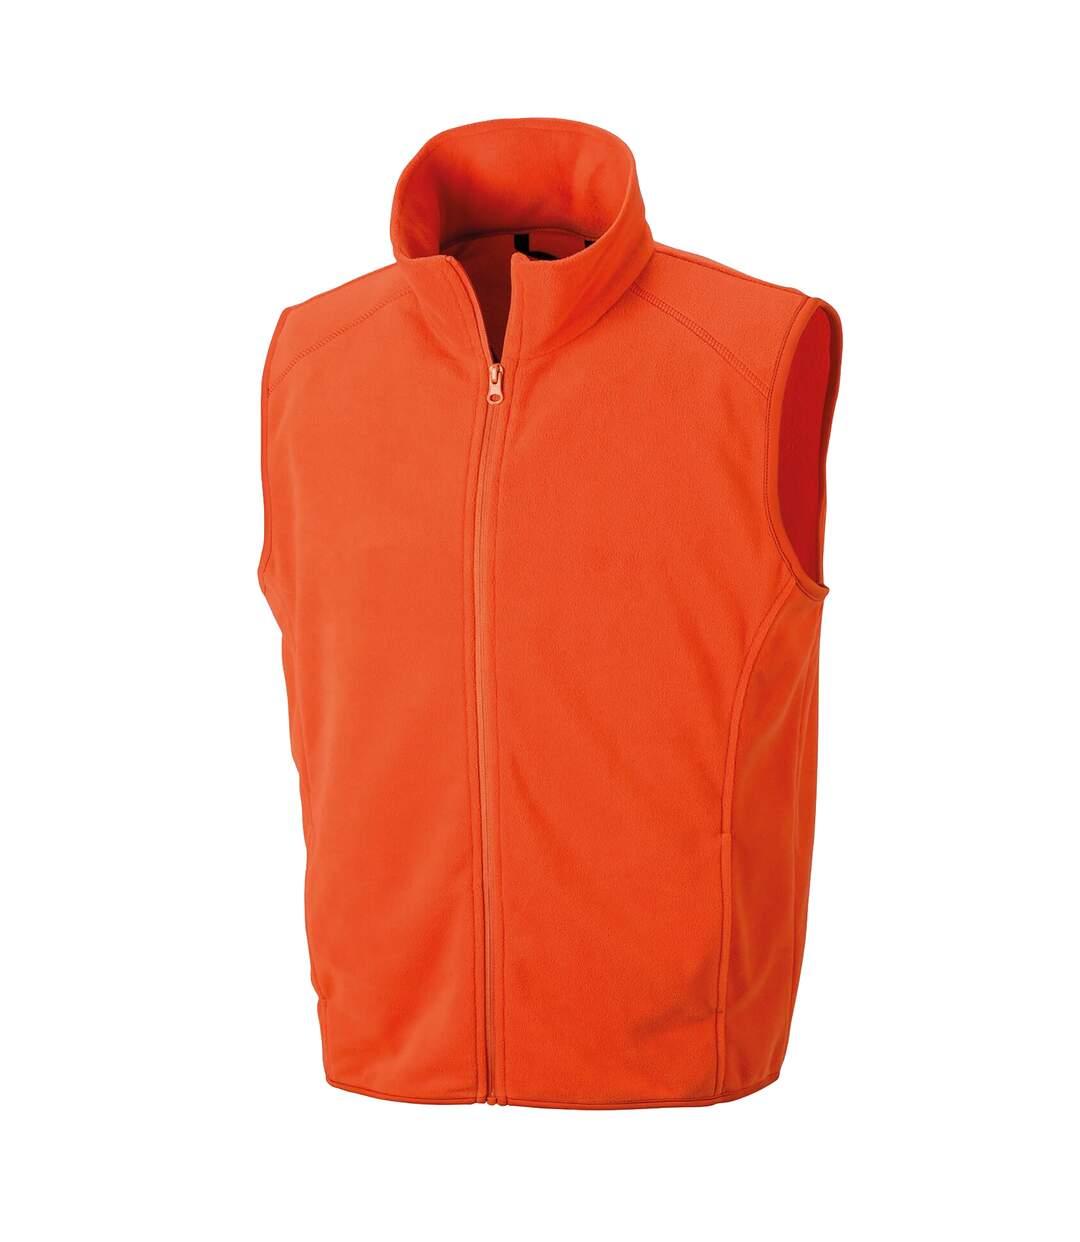 Result Core Mens Micro Fleece Gilet (Red) - UTPC3013